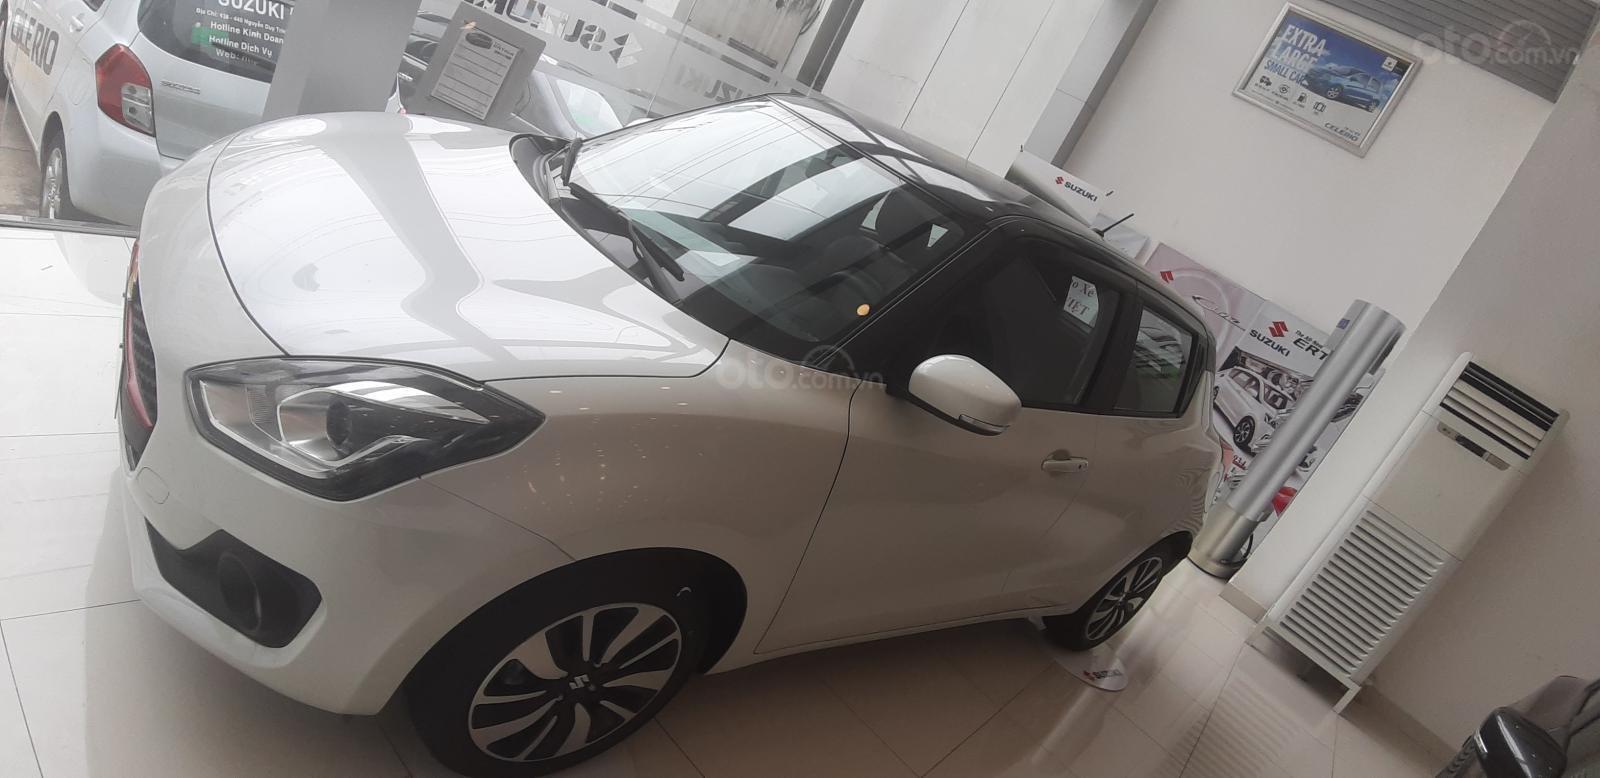 Bán Suzuki Swift 2019 hổ trợ giá tốt ngân hàng lãi suất hấp dẫn (2)